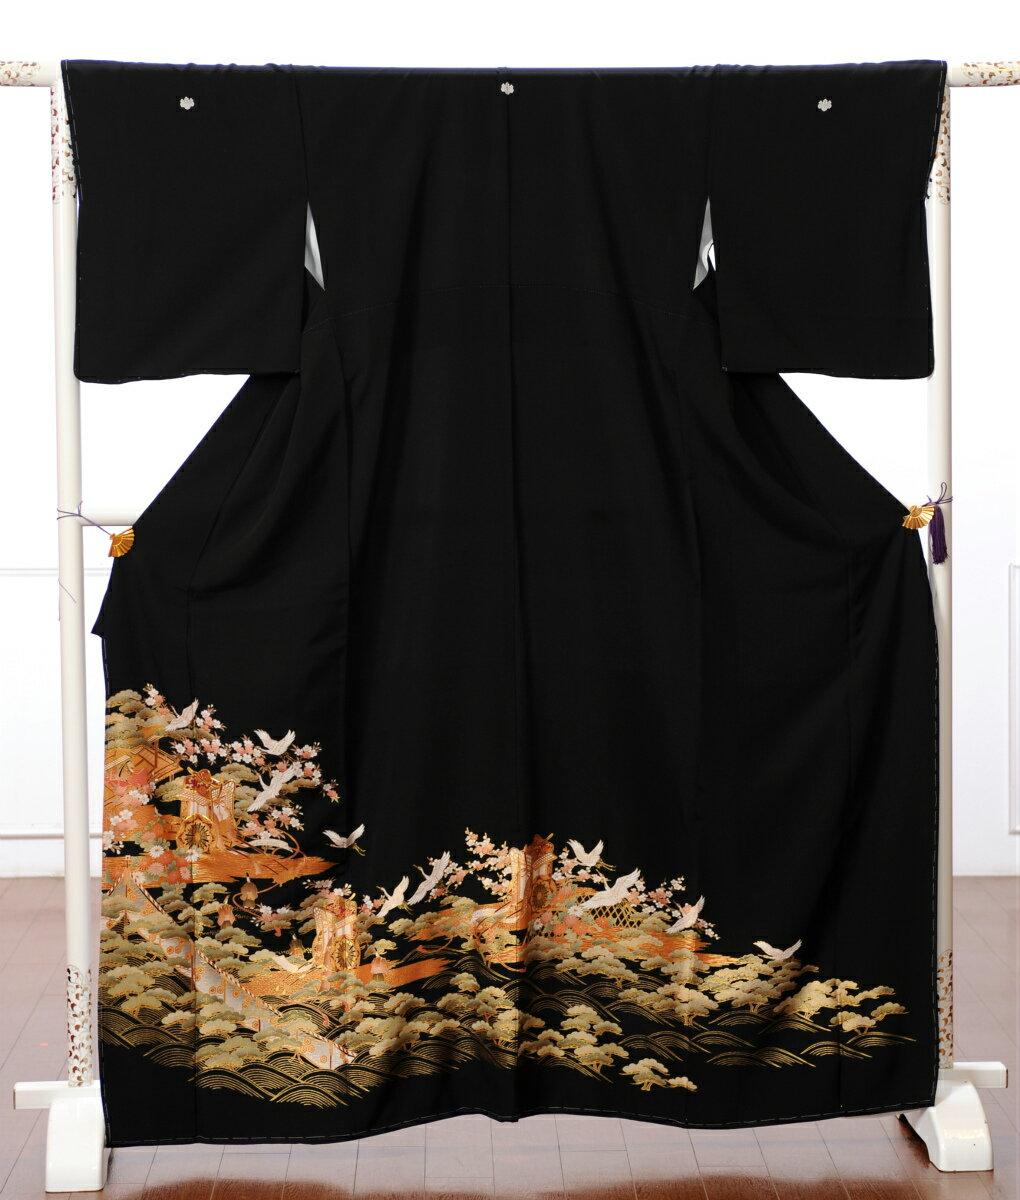 留袖レンタル 留袖 着物レンタル レンタル着物 フルセット 黒留袖 着物 結婚式 貸衣装 女性和服 御所車 鶴149cm〜165cm位まで 足袋 肌着プレゼント 8AA43 留め袖 レンタル